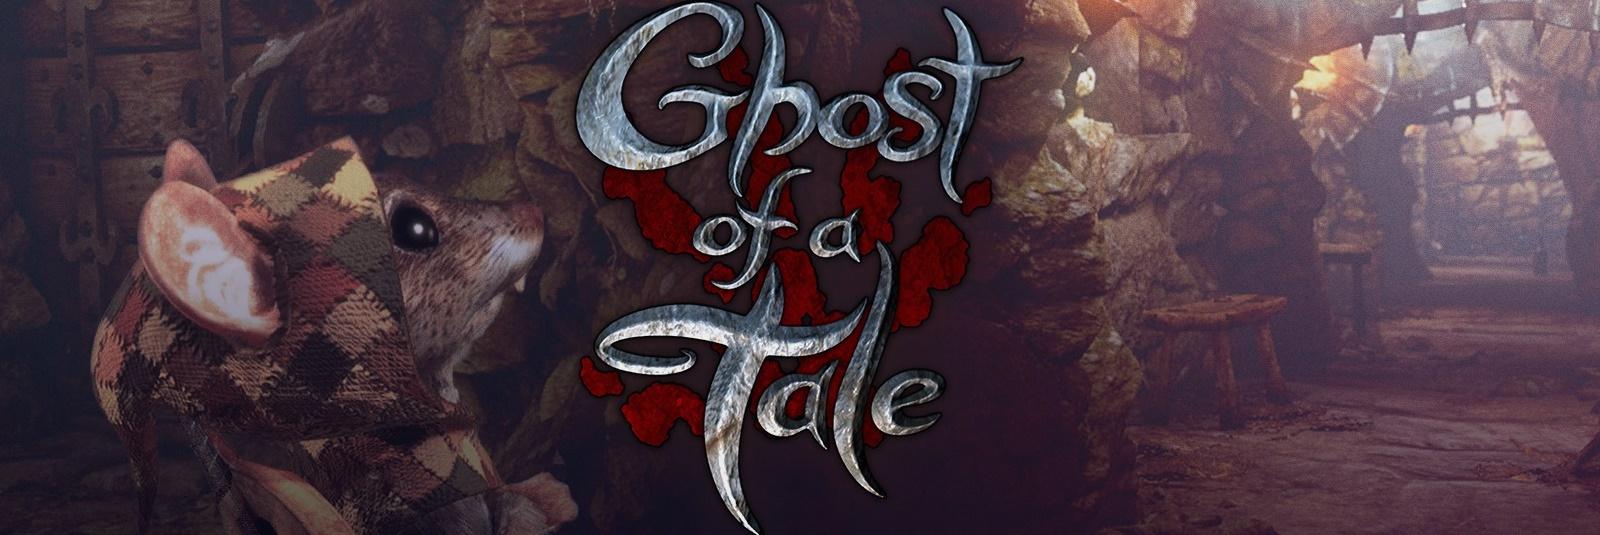 ghostofatale1nf3q.jpg